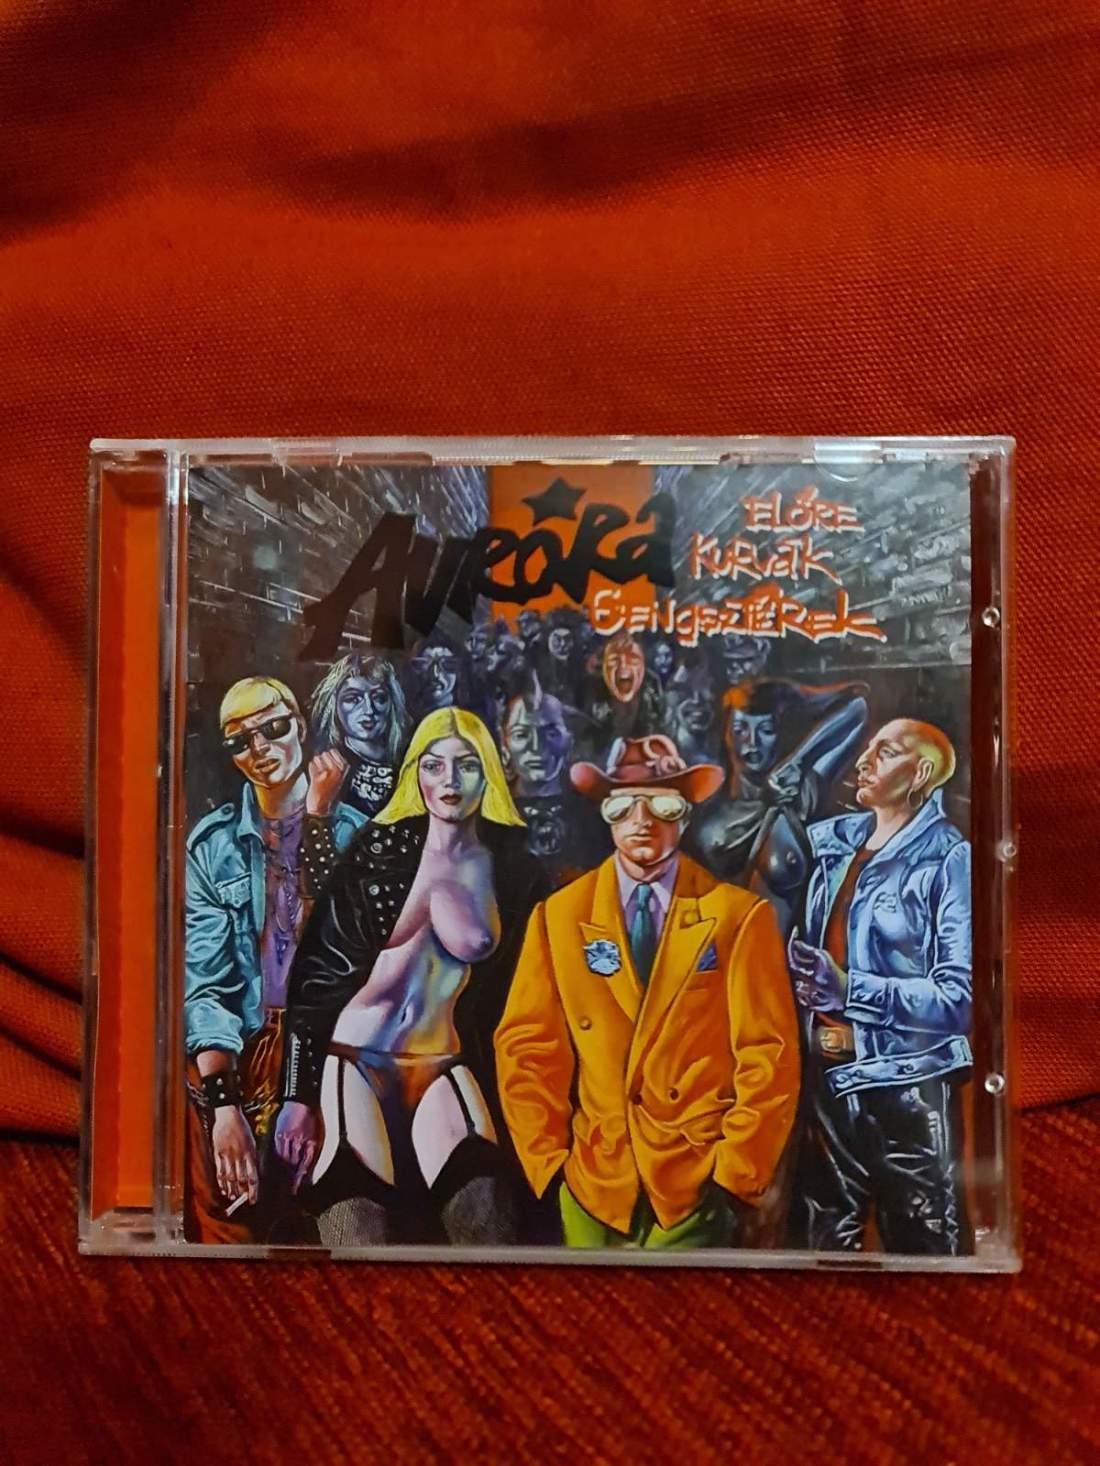 AURORA - ELŐRE K@RVÁK GENGSZTEREK CD